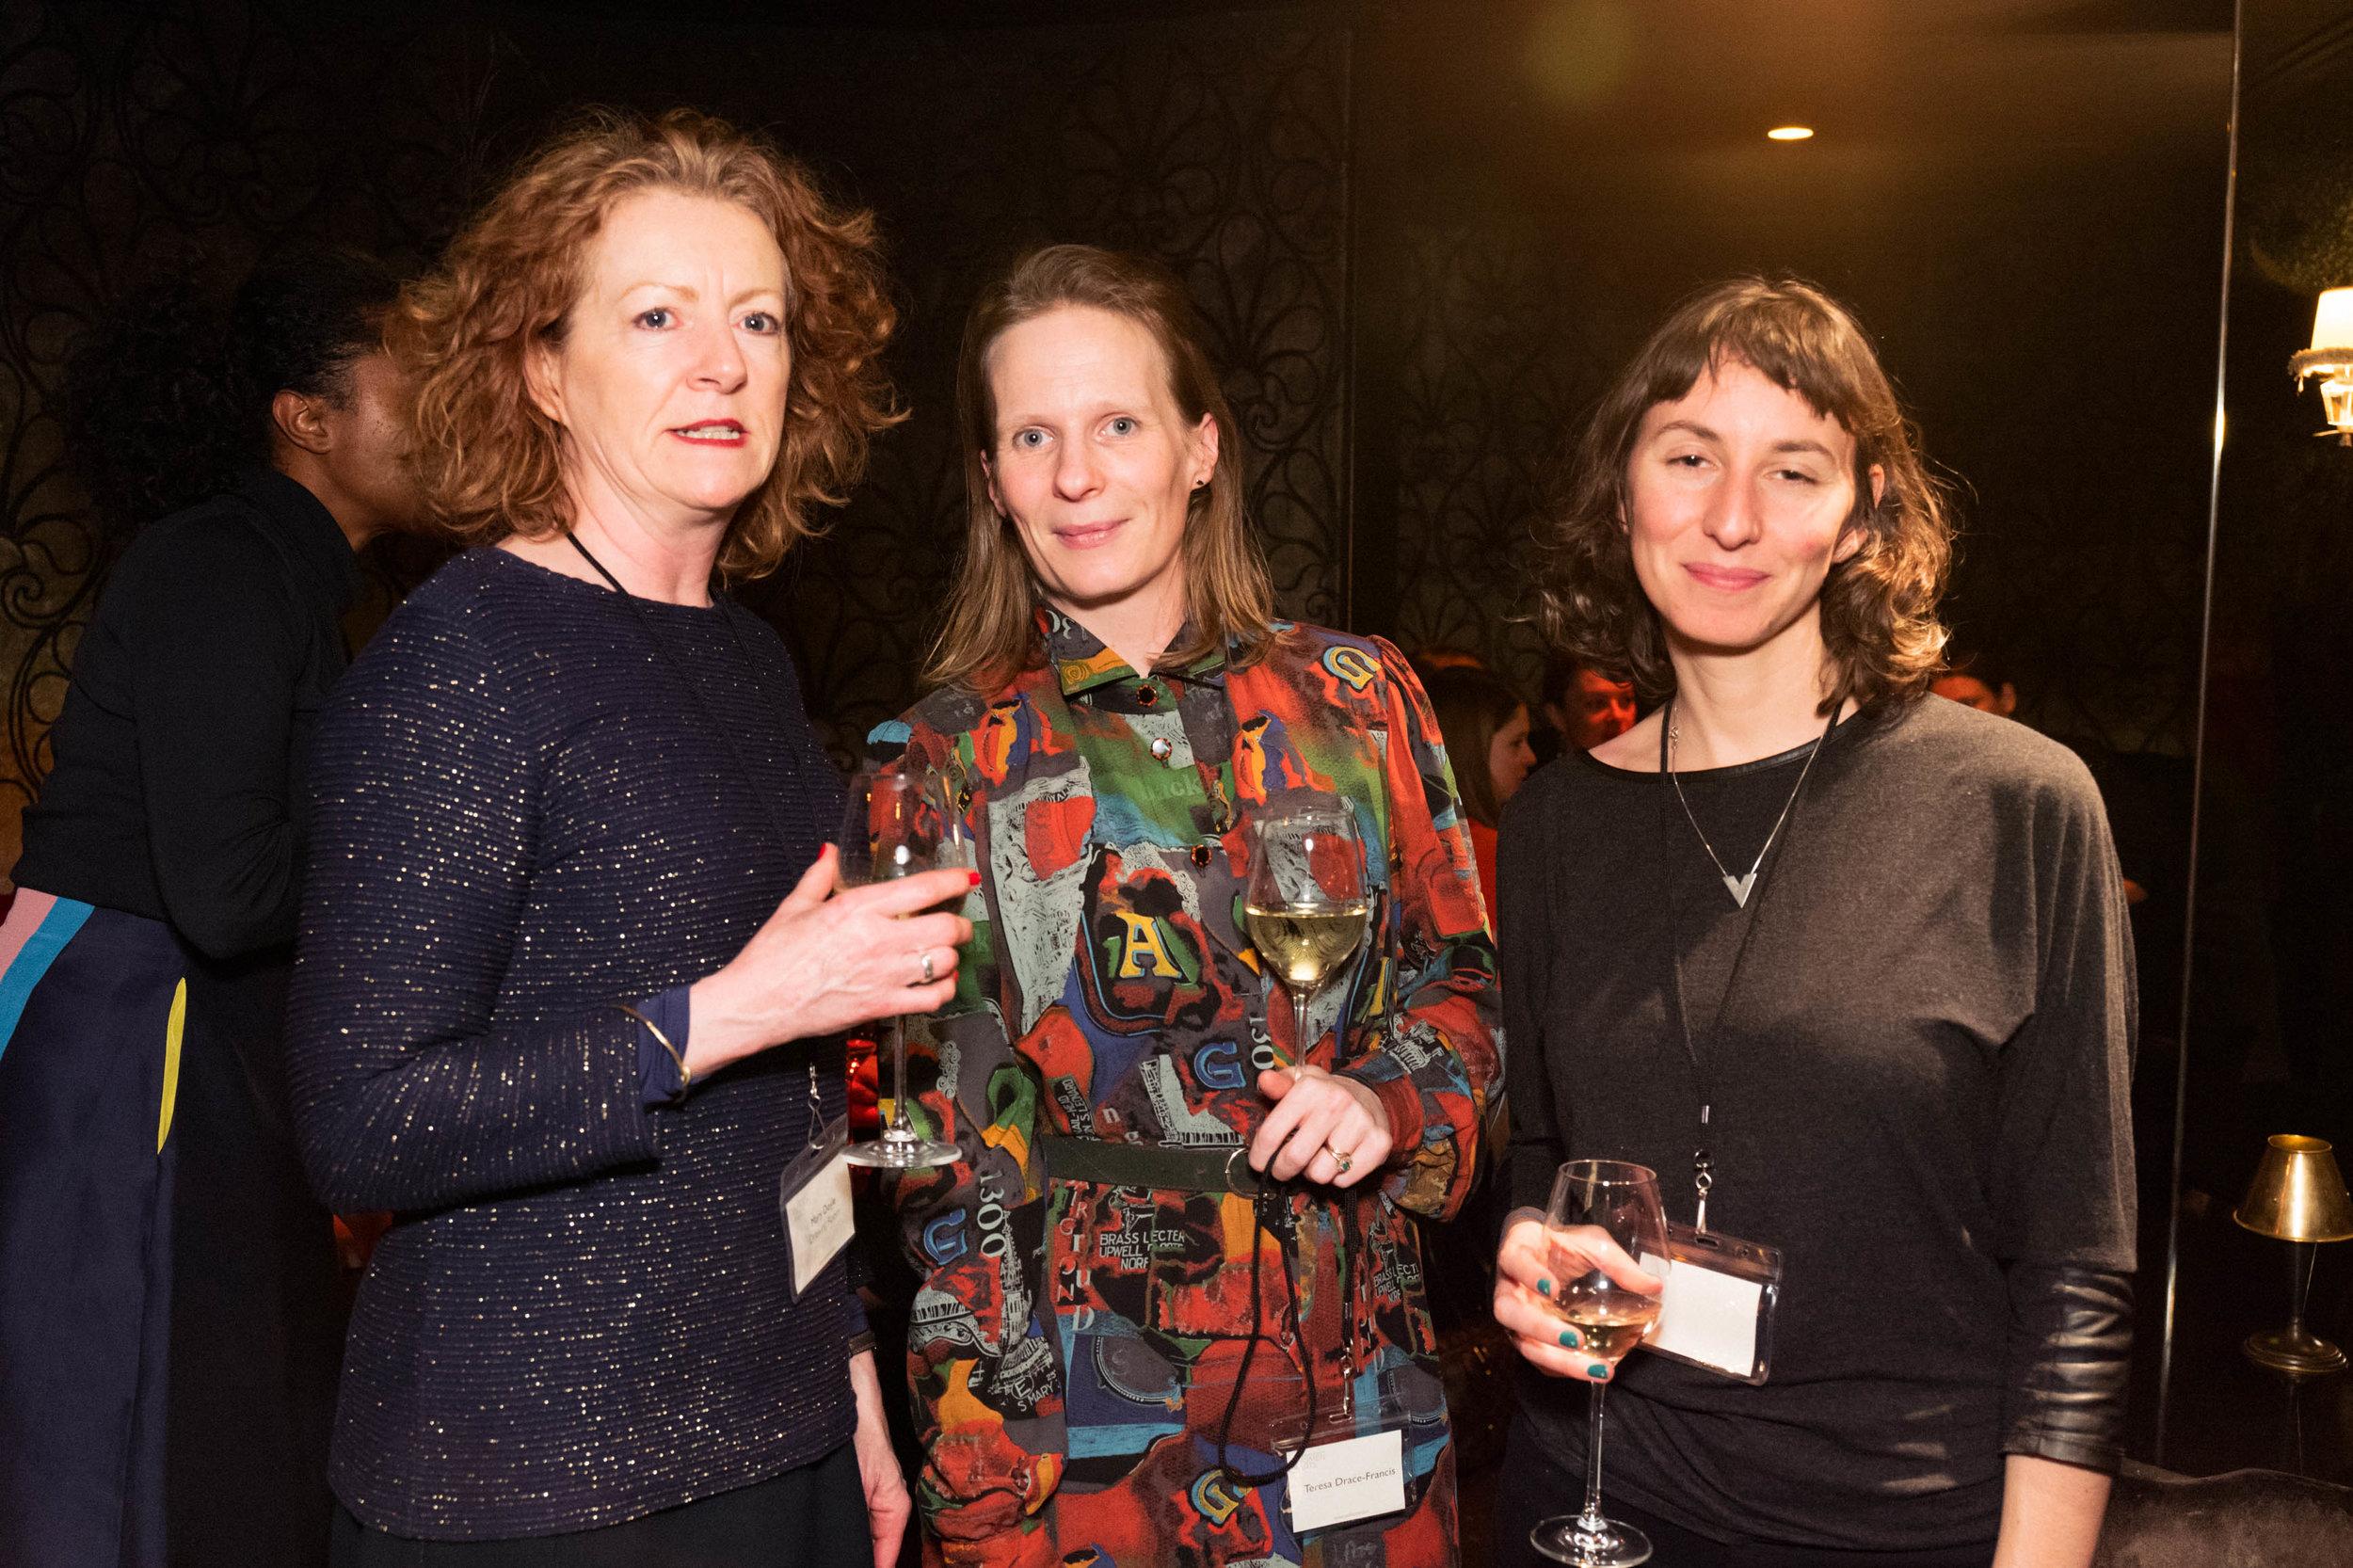 Mary Doyle, Teresa Drace-Francis and Laura Castagnini